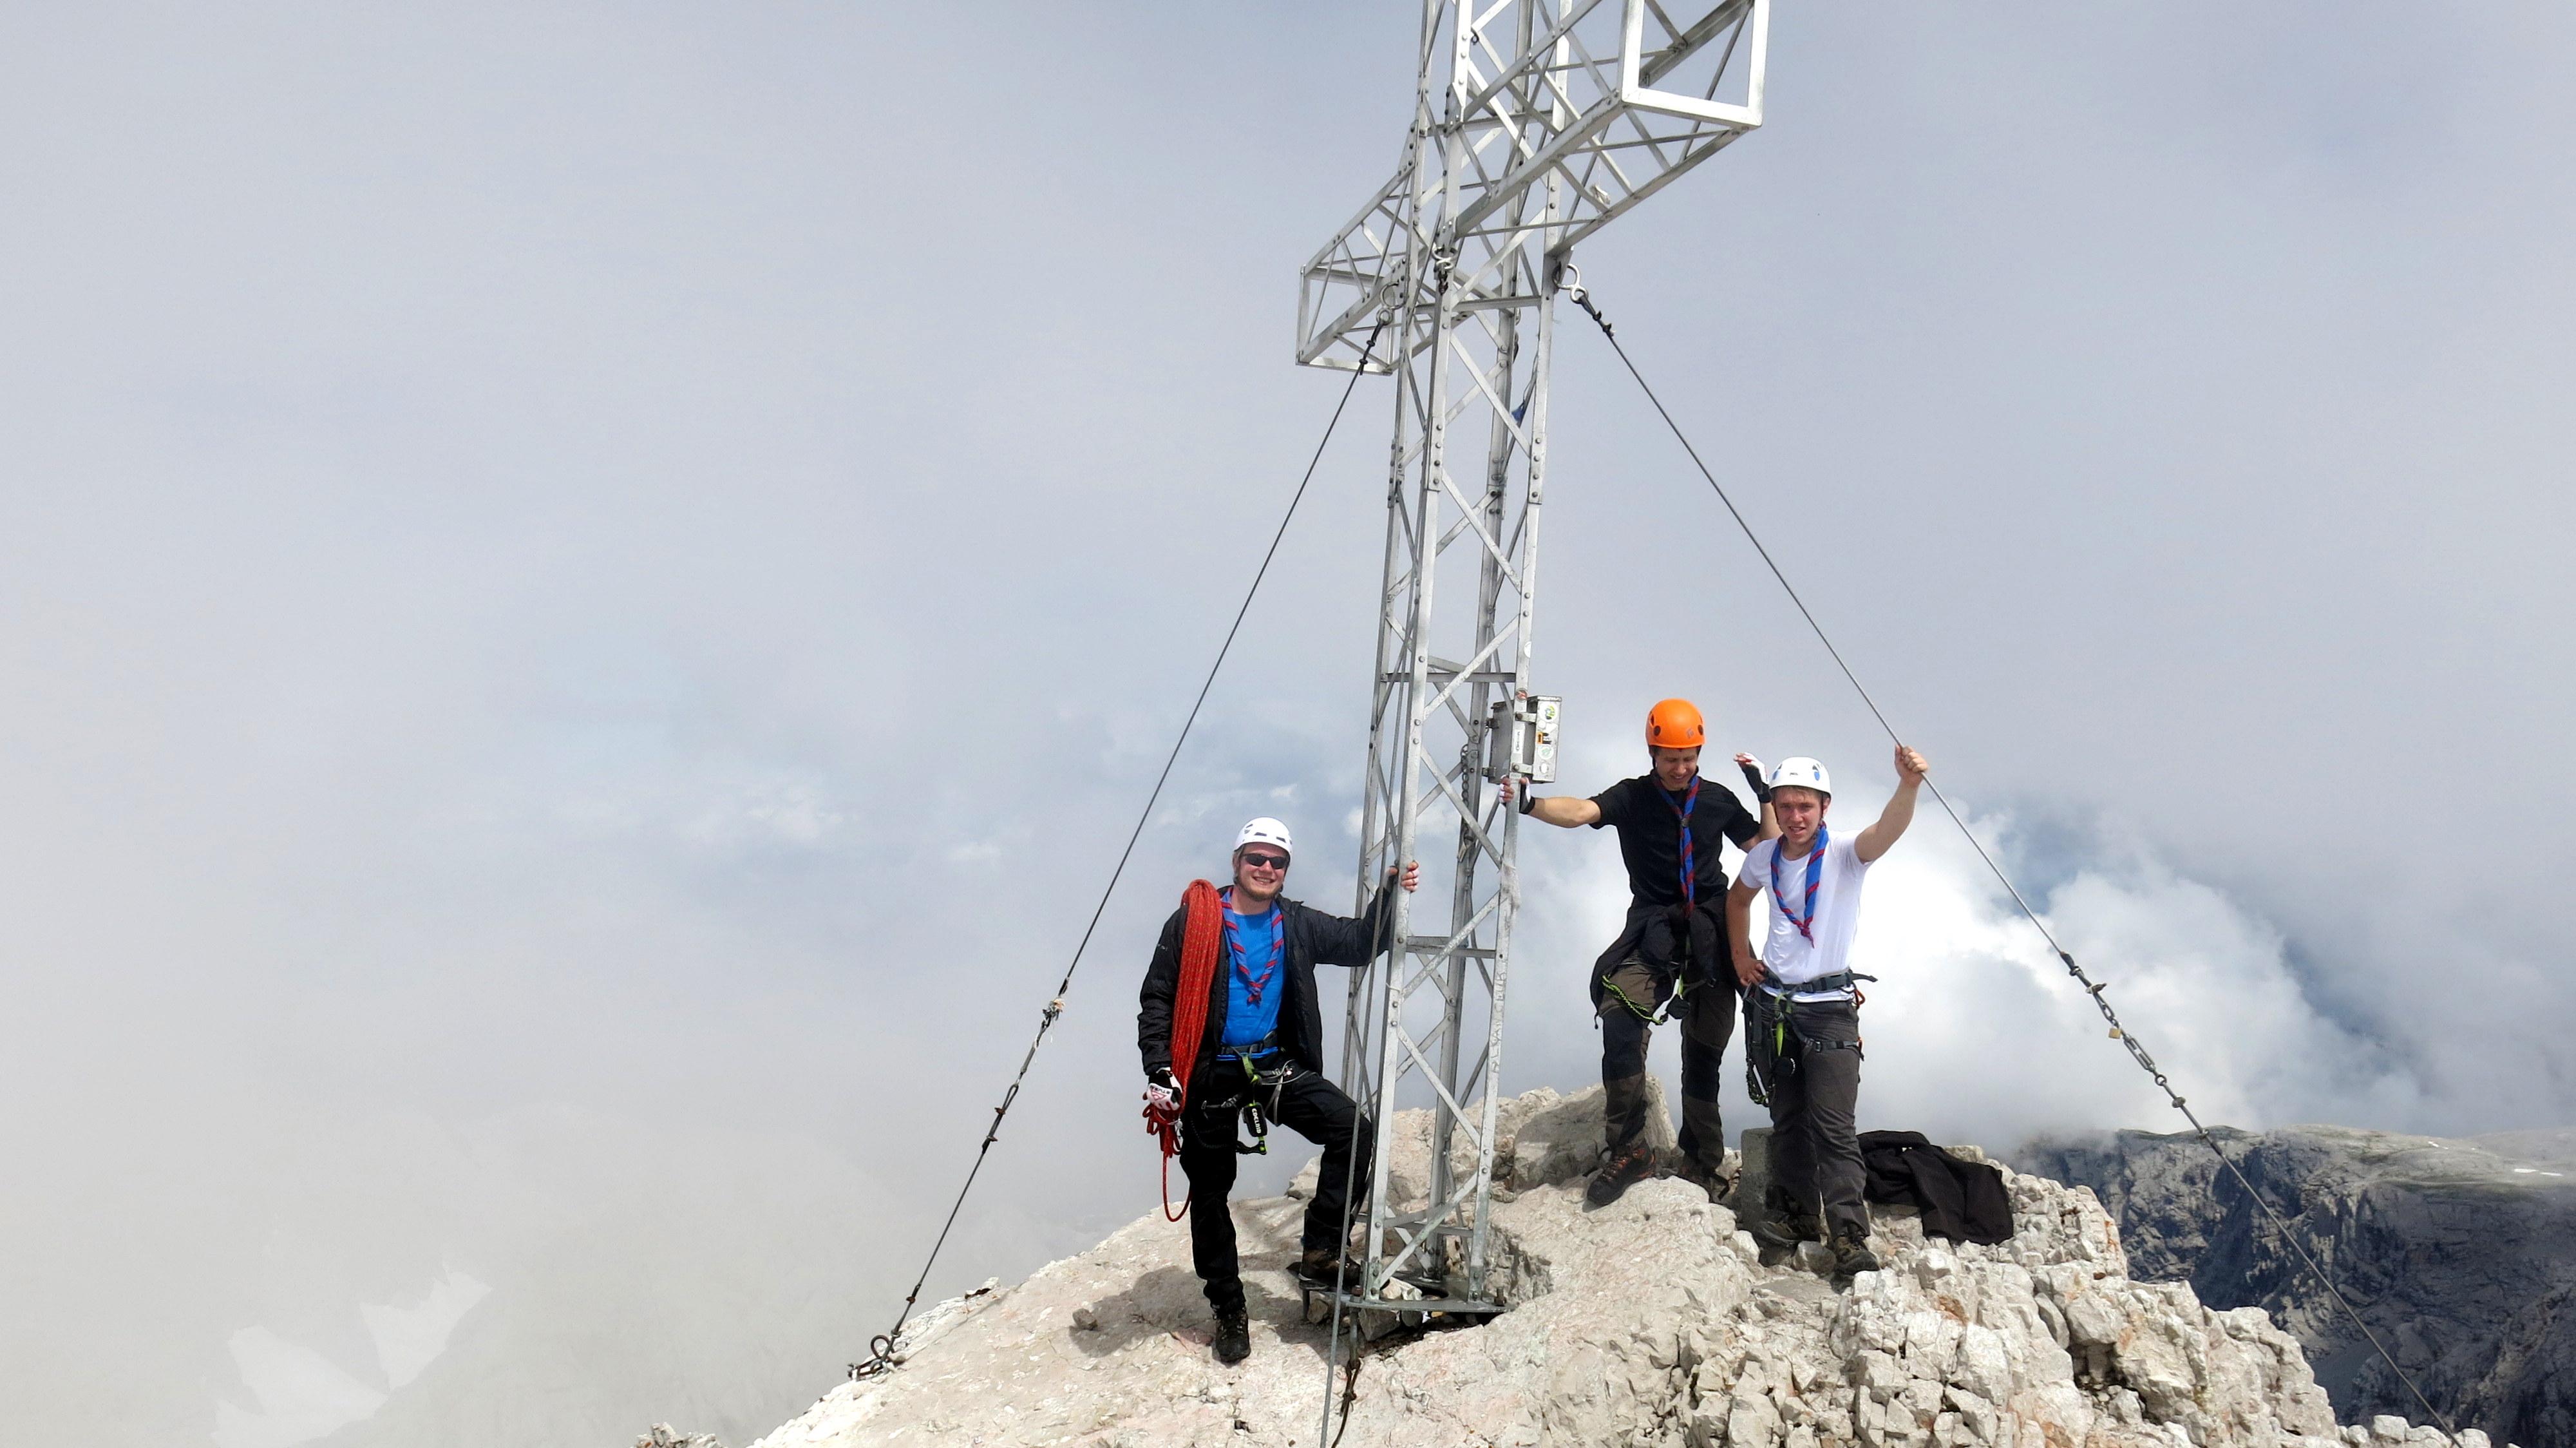 Warum Pfadfinder? Bei uns gibt es immer etwas zu erleben. Das kann auch mal ein hoher Gipfel sein den man zusammen erklimmt.